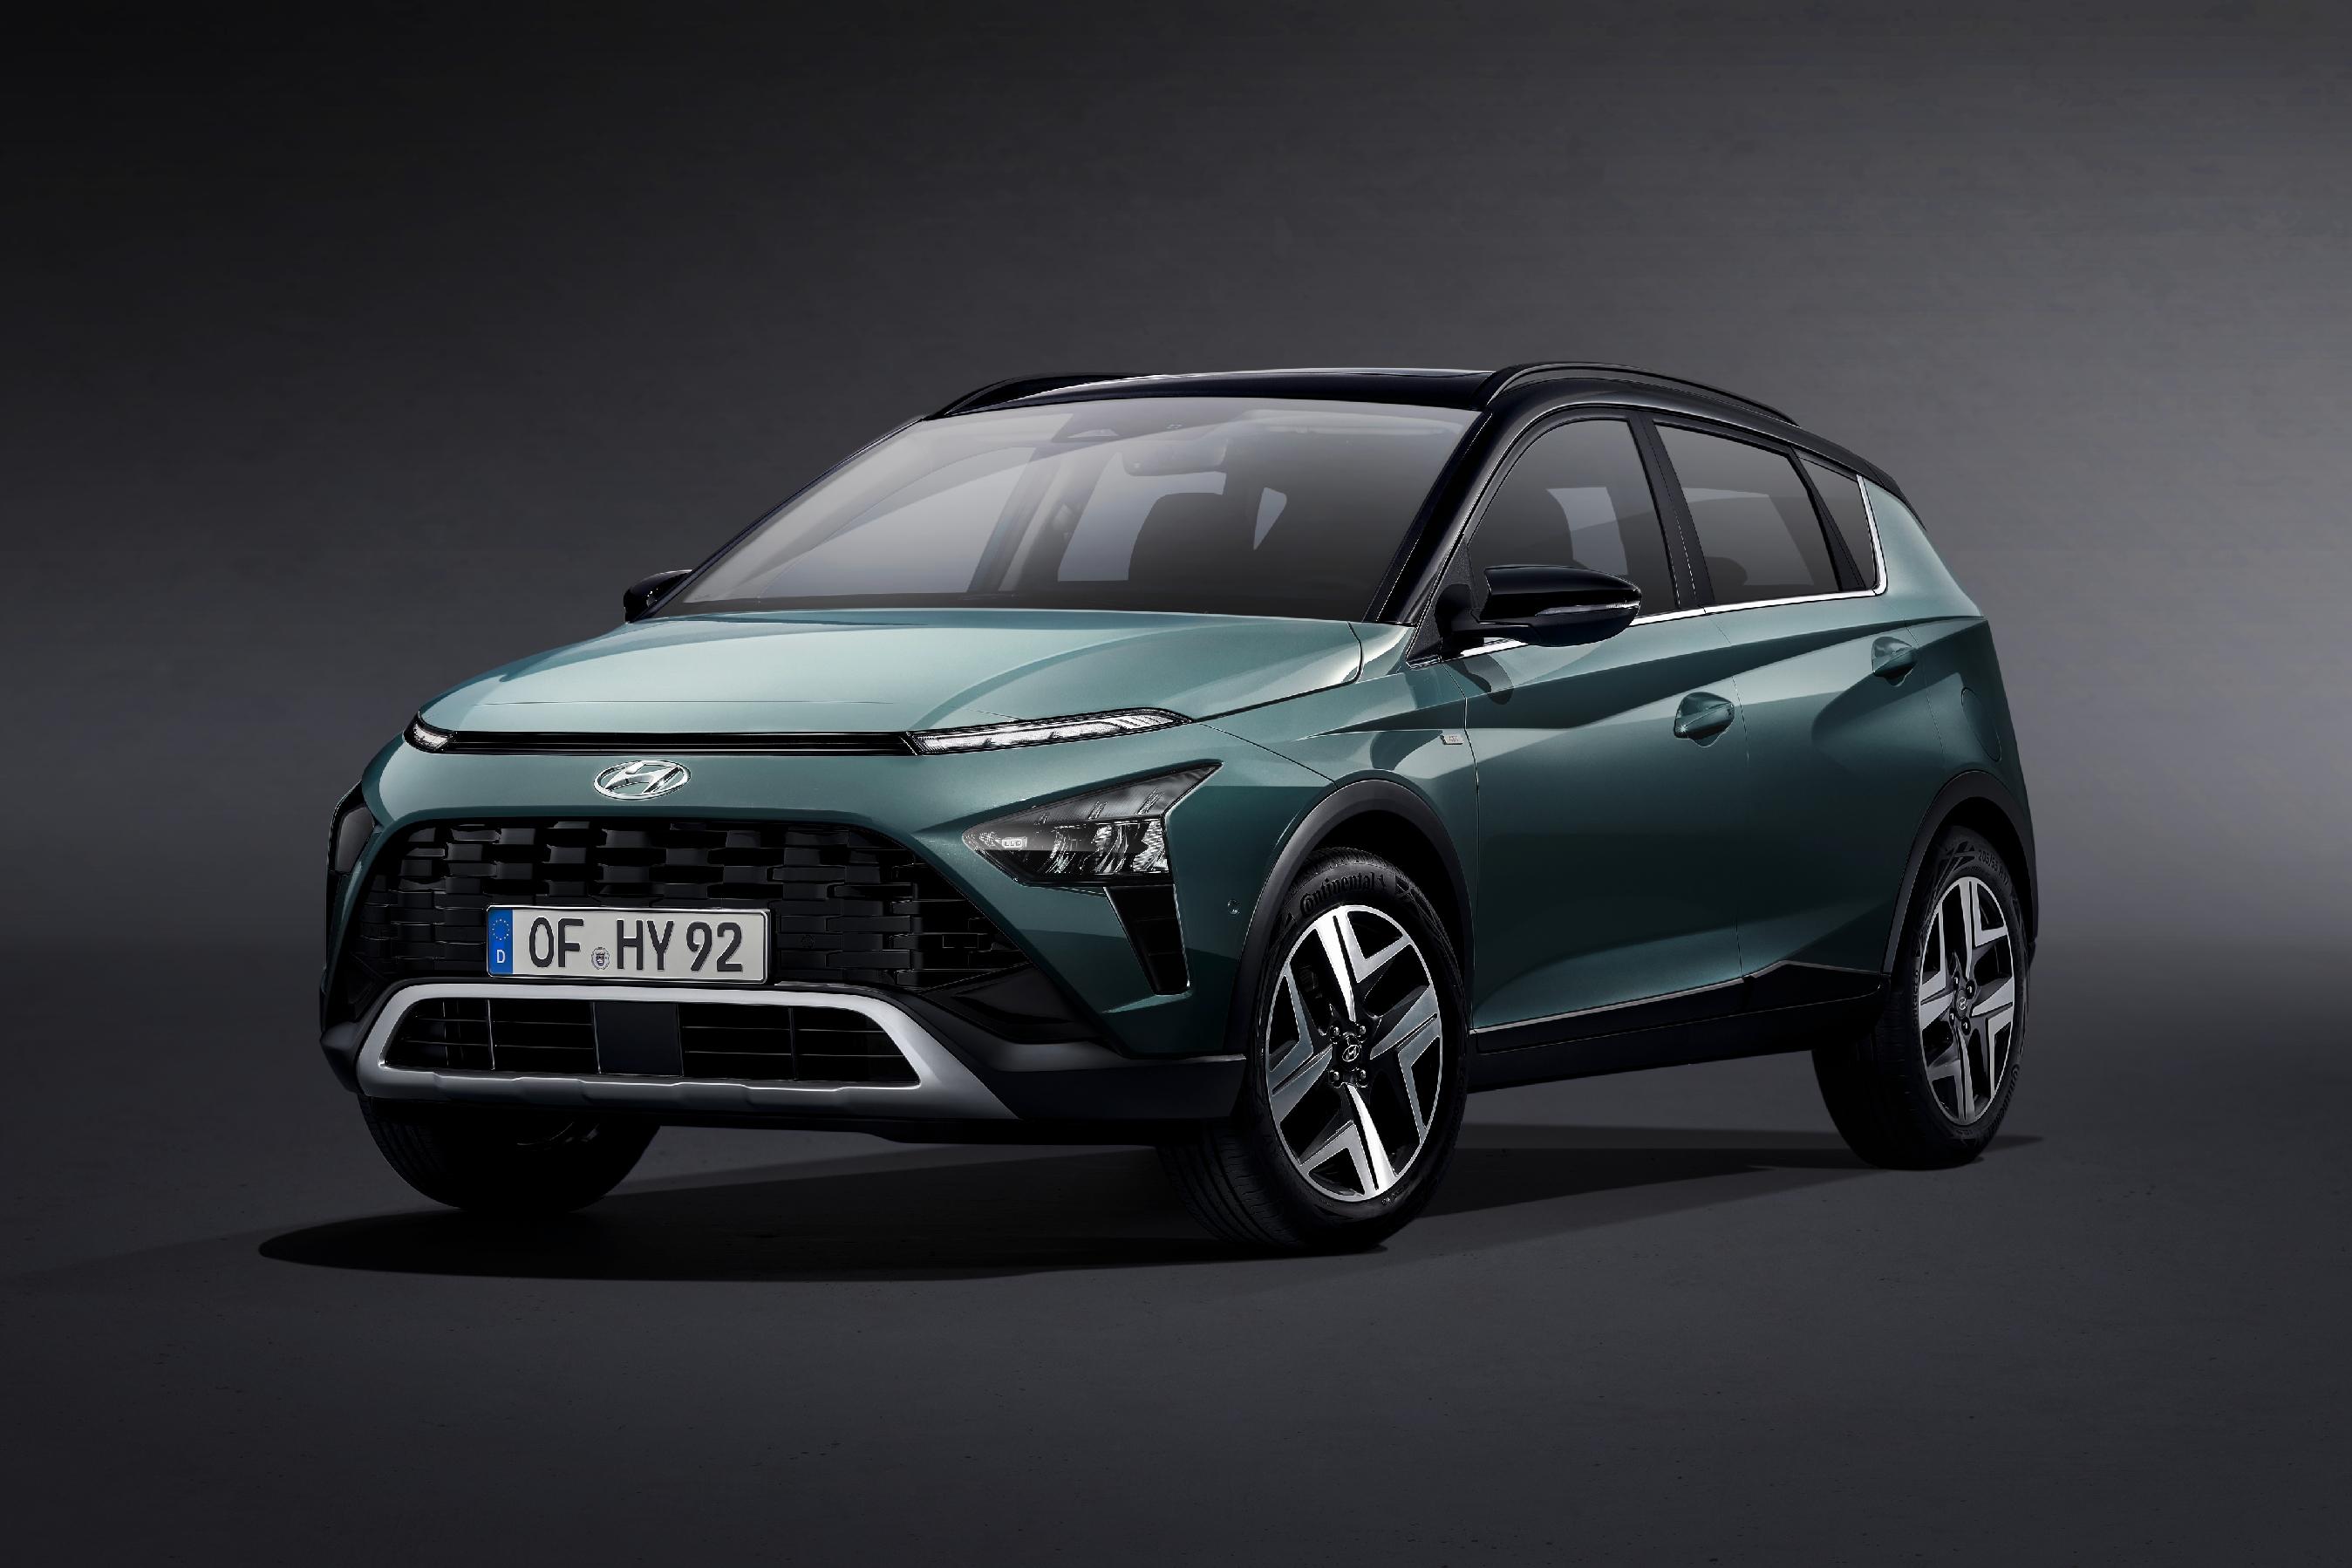 Hyundai predstavuje nový model BAYON, štýlové a uhladené crossover SUV